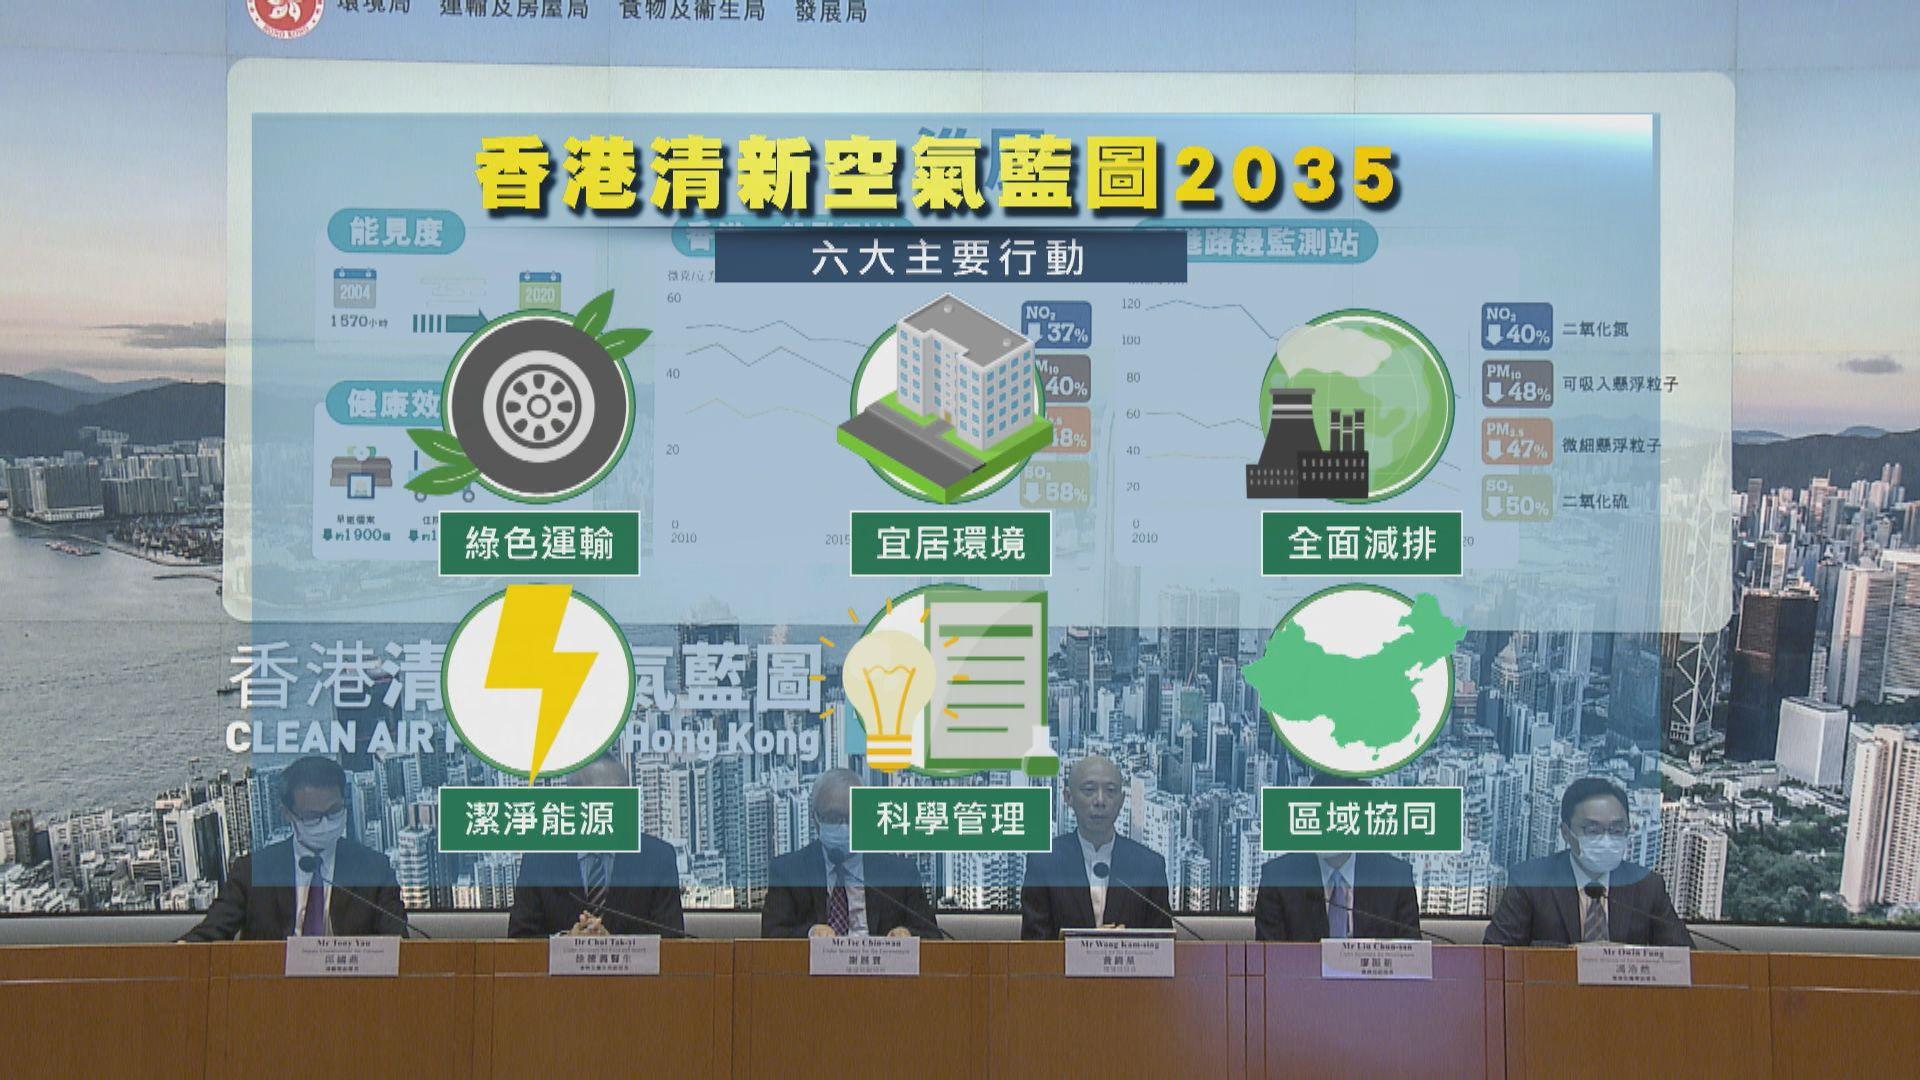 政府擬增可再生能源比例 盼2035年前可媲美東京巴黎